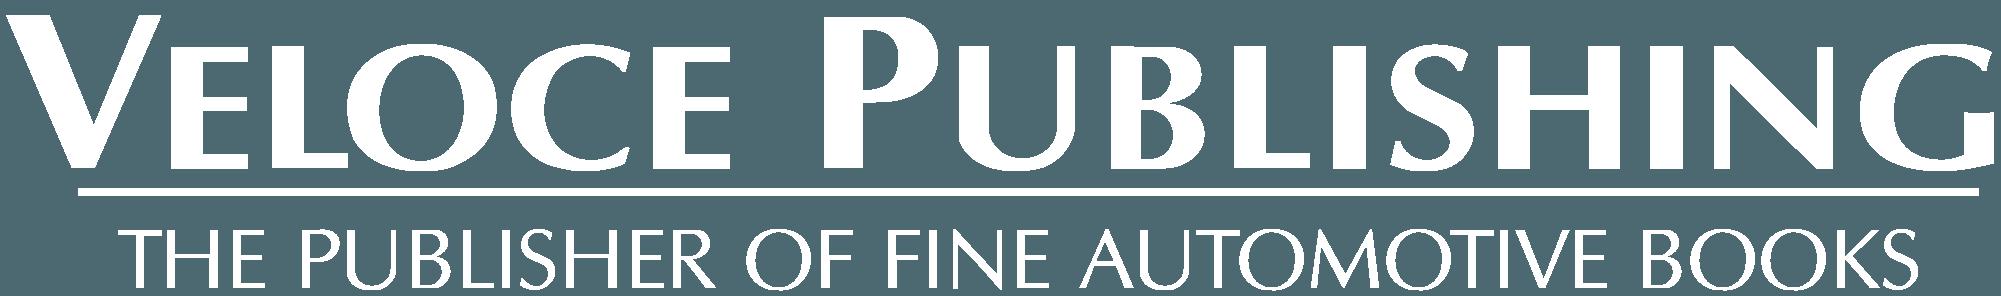 Veloce Publishing Title Script logo